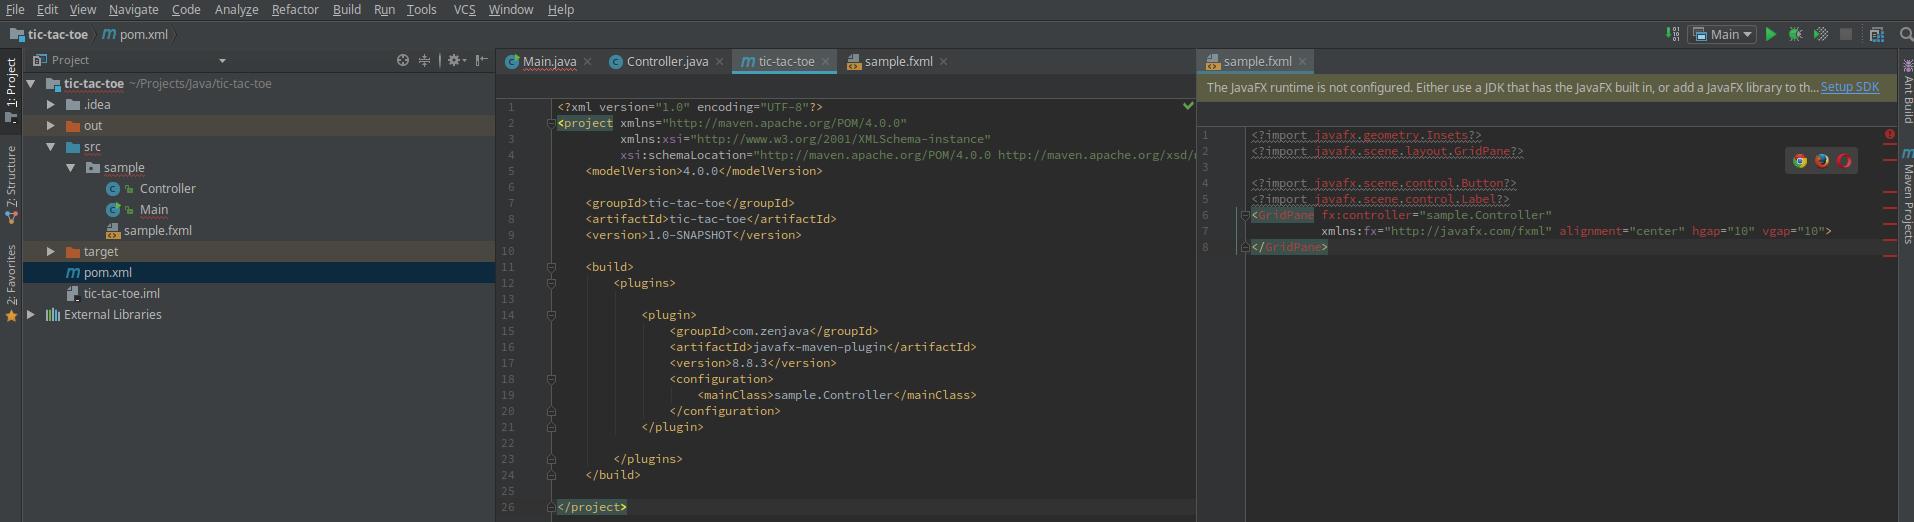 Как подключить javafx в IntelliJ IDEA? — Toster ru